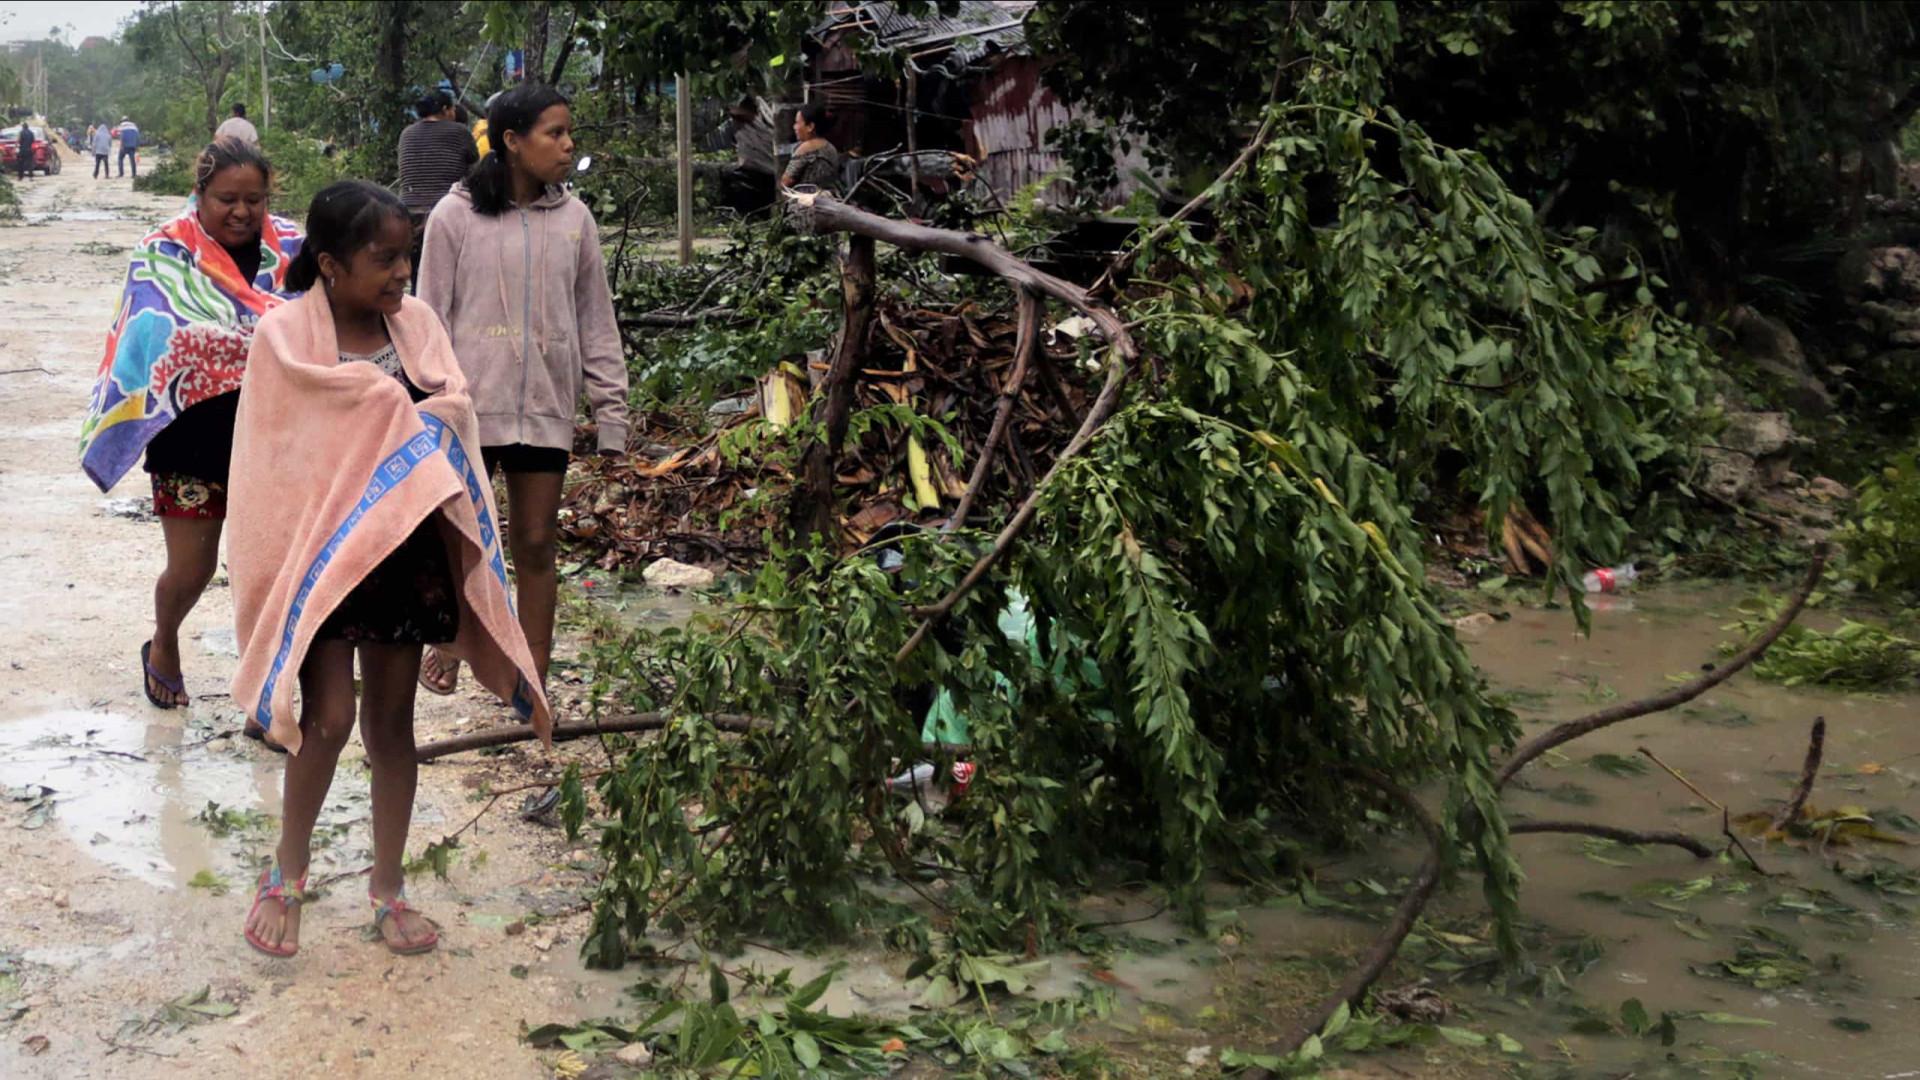 Furacão Grace faz 11 mortos no México e deixa rastro de destruição